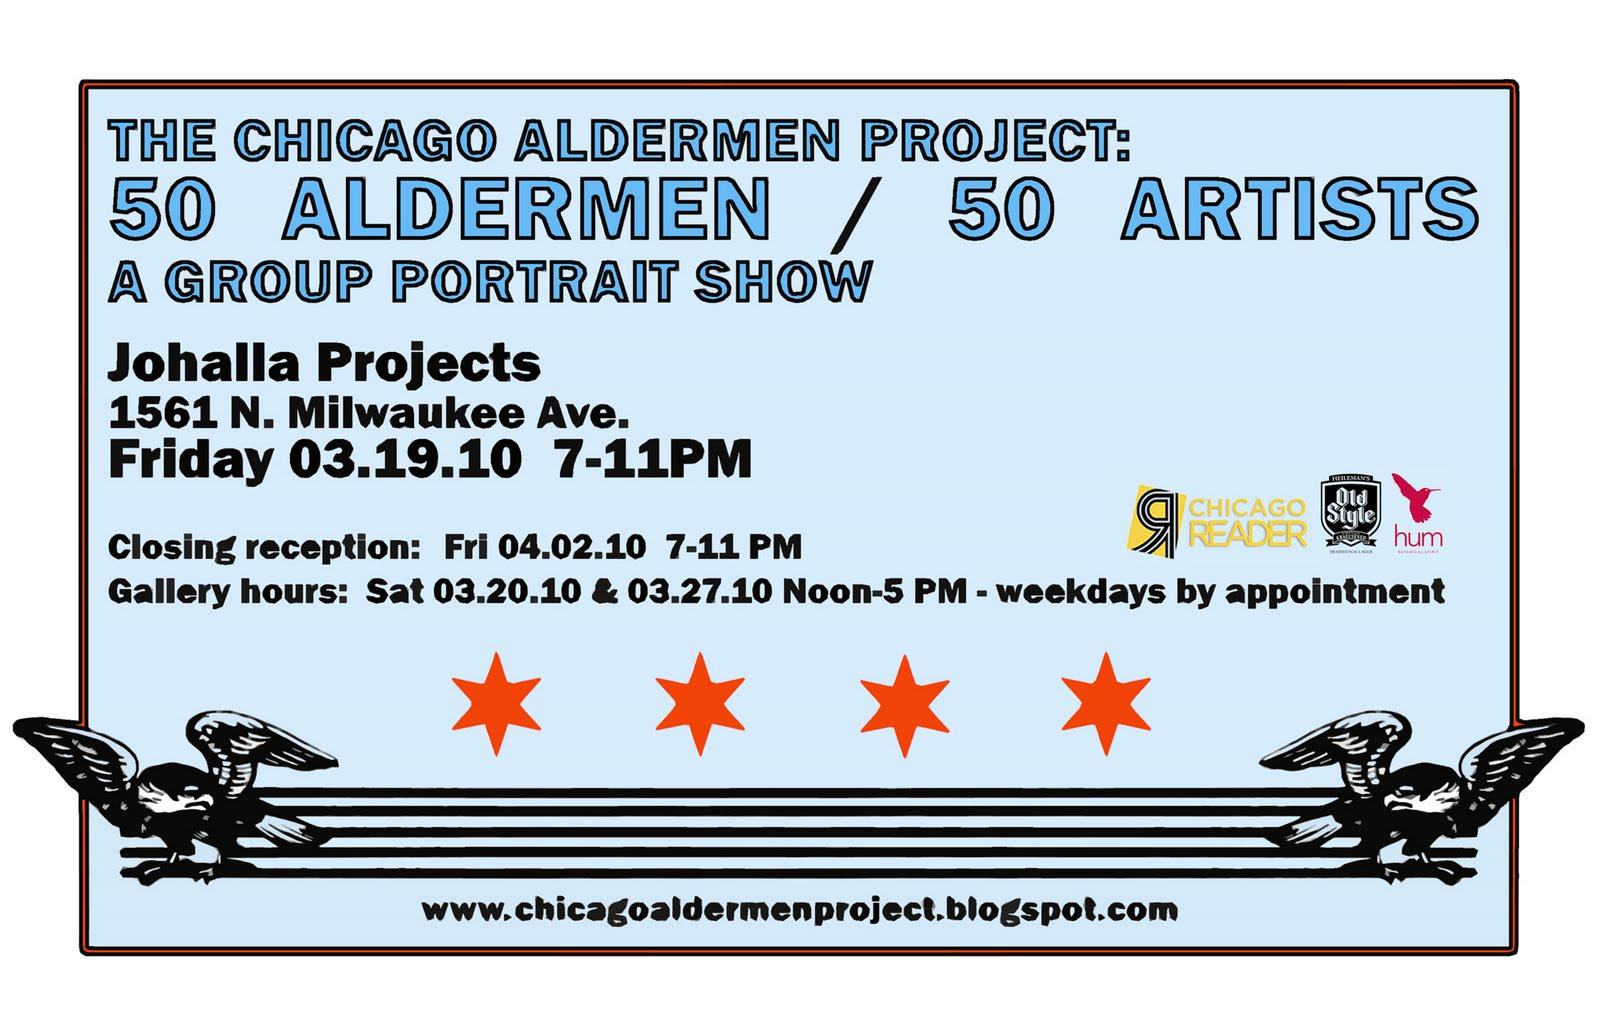 [aldermen+show+flyer+3.11.10.jpg]